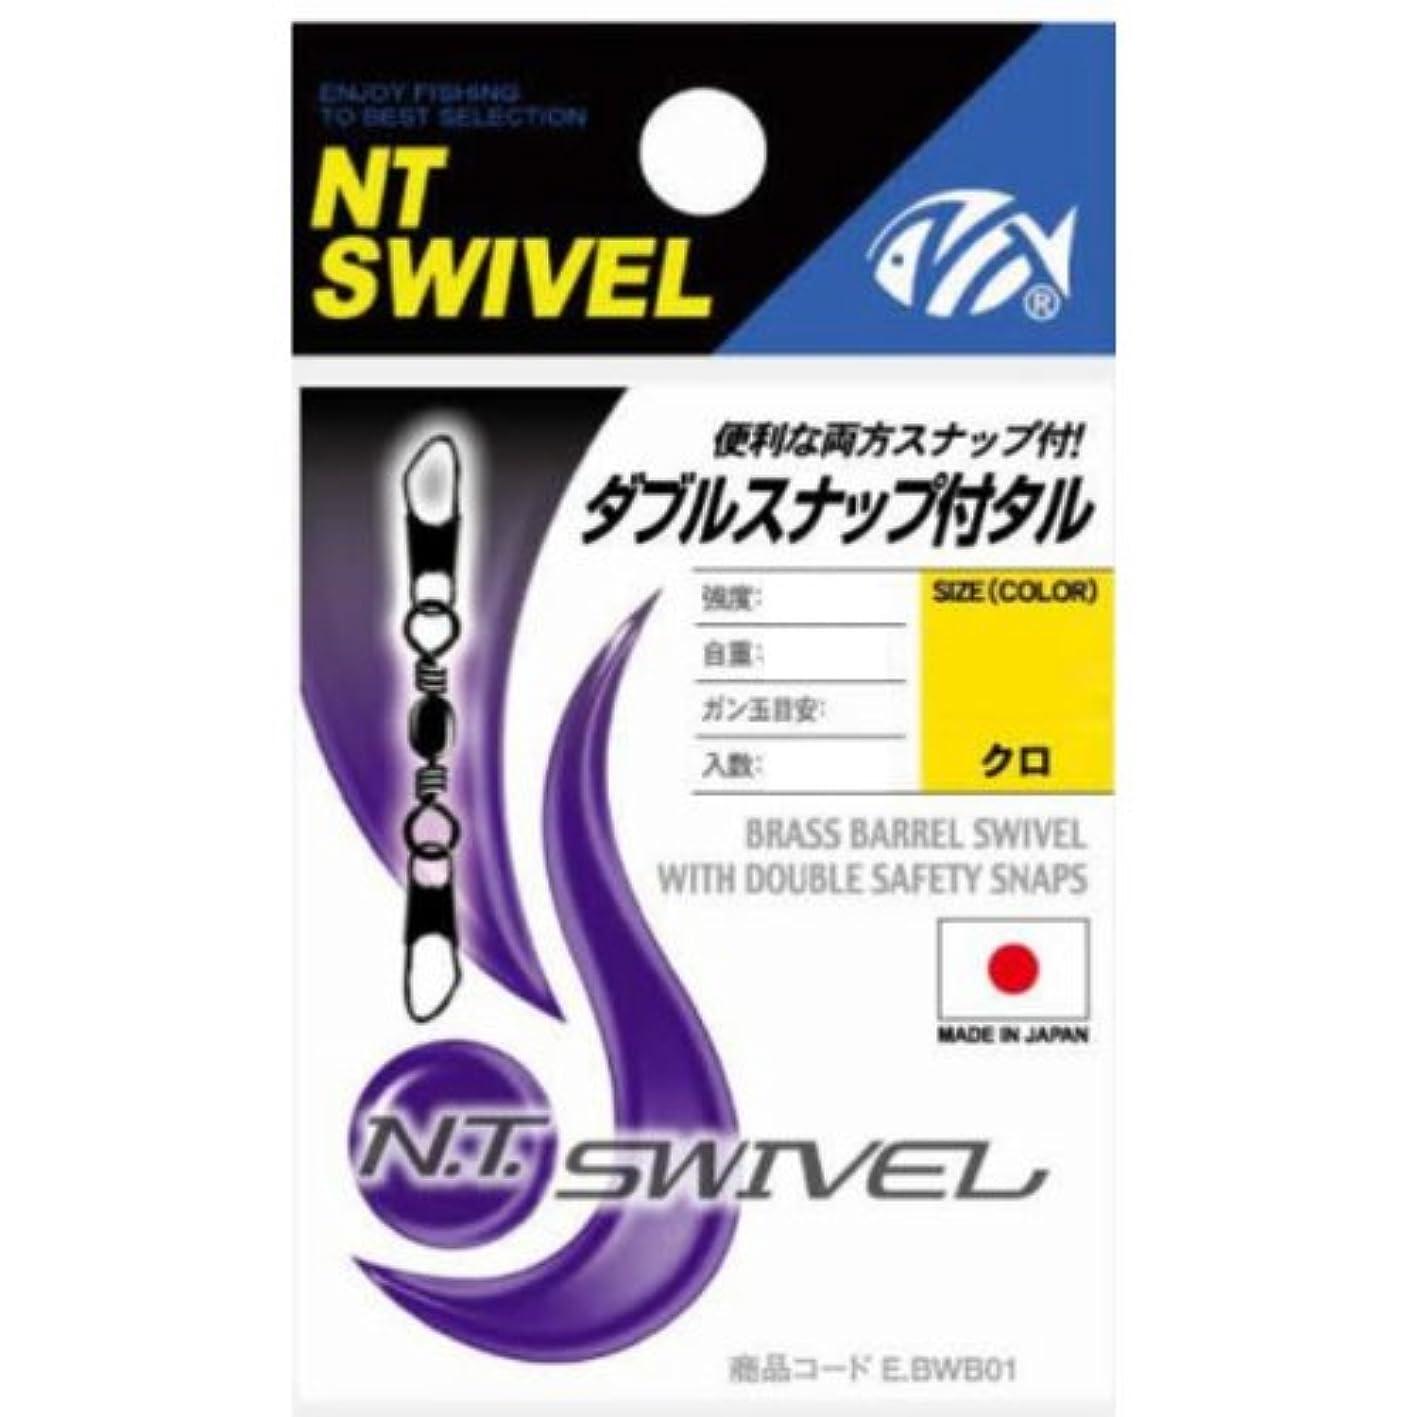 最初プット薬剤師NTスイベル(N.T.SWIVEL) ダブルスナップ付タル クロ #1